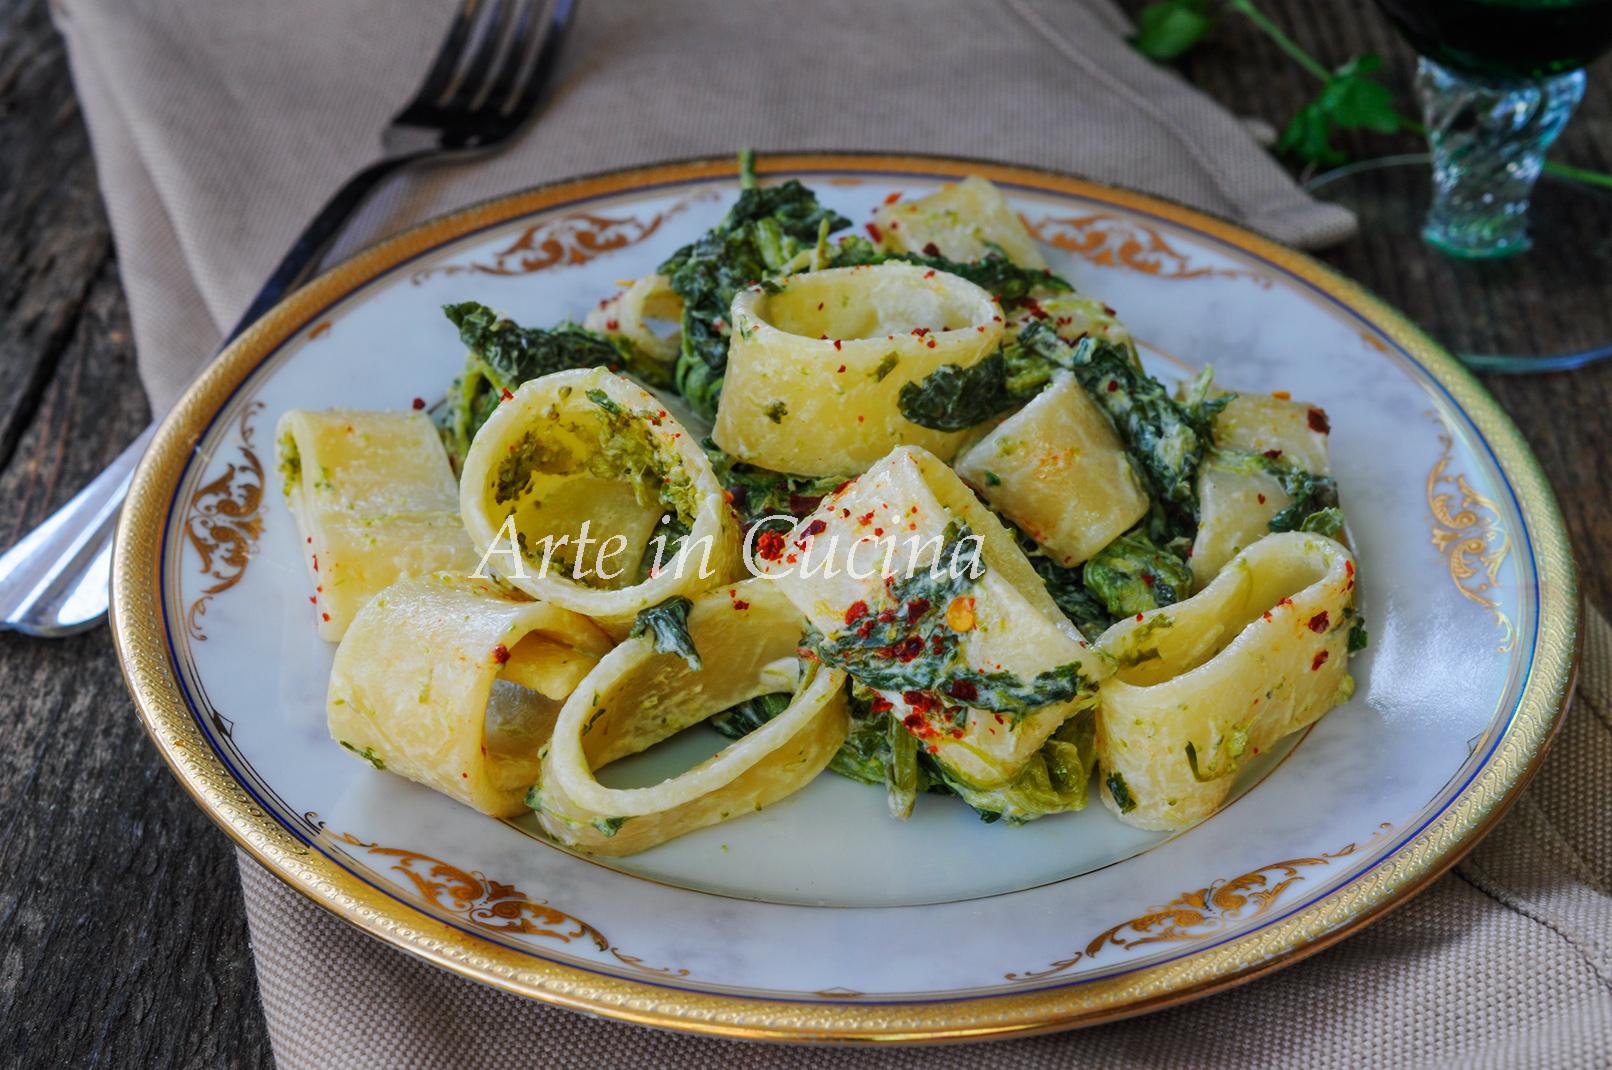 Calamarata cremosa con broccoletti facile vickyart arte in cucina